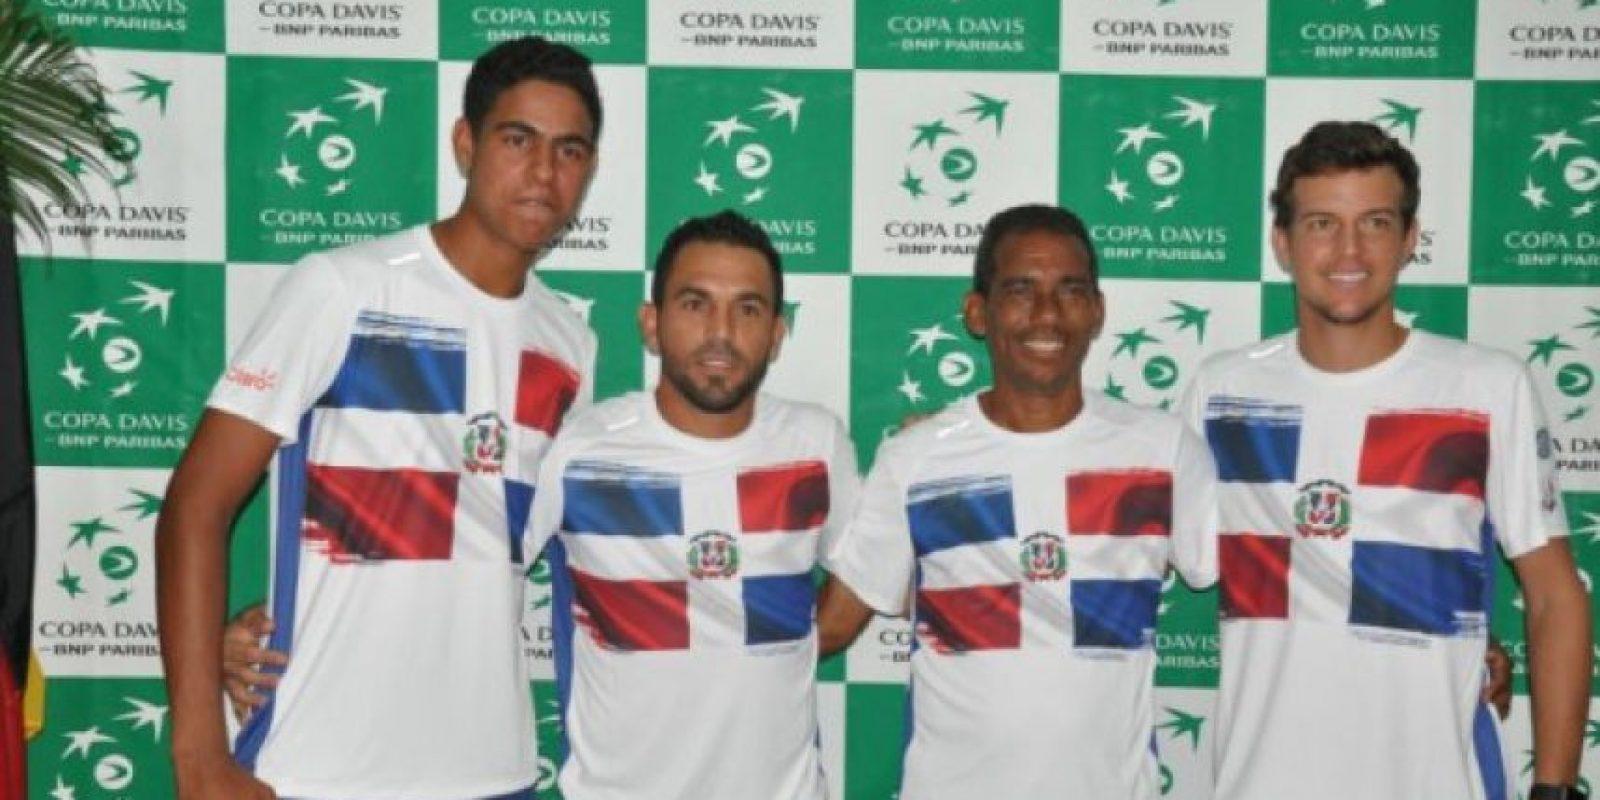 Equipo dominicano que estará en Copa Davis.